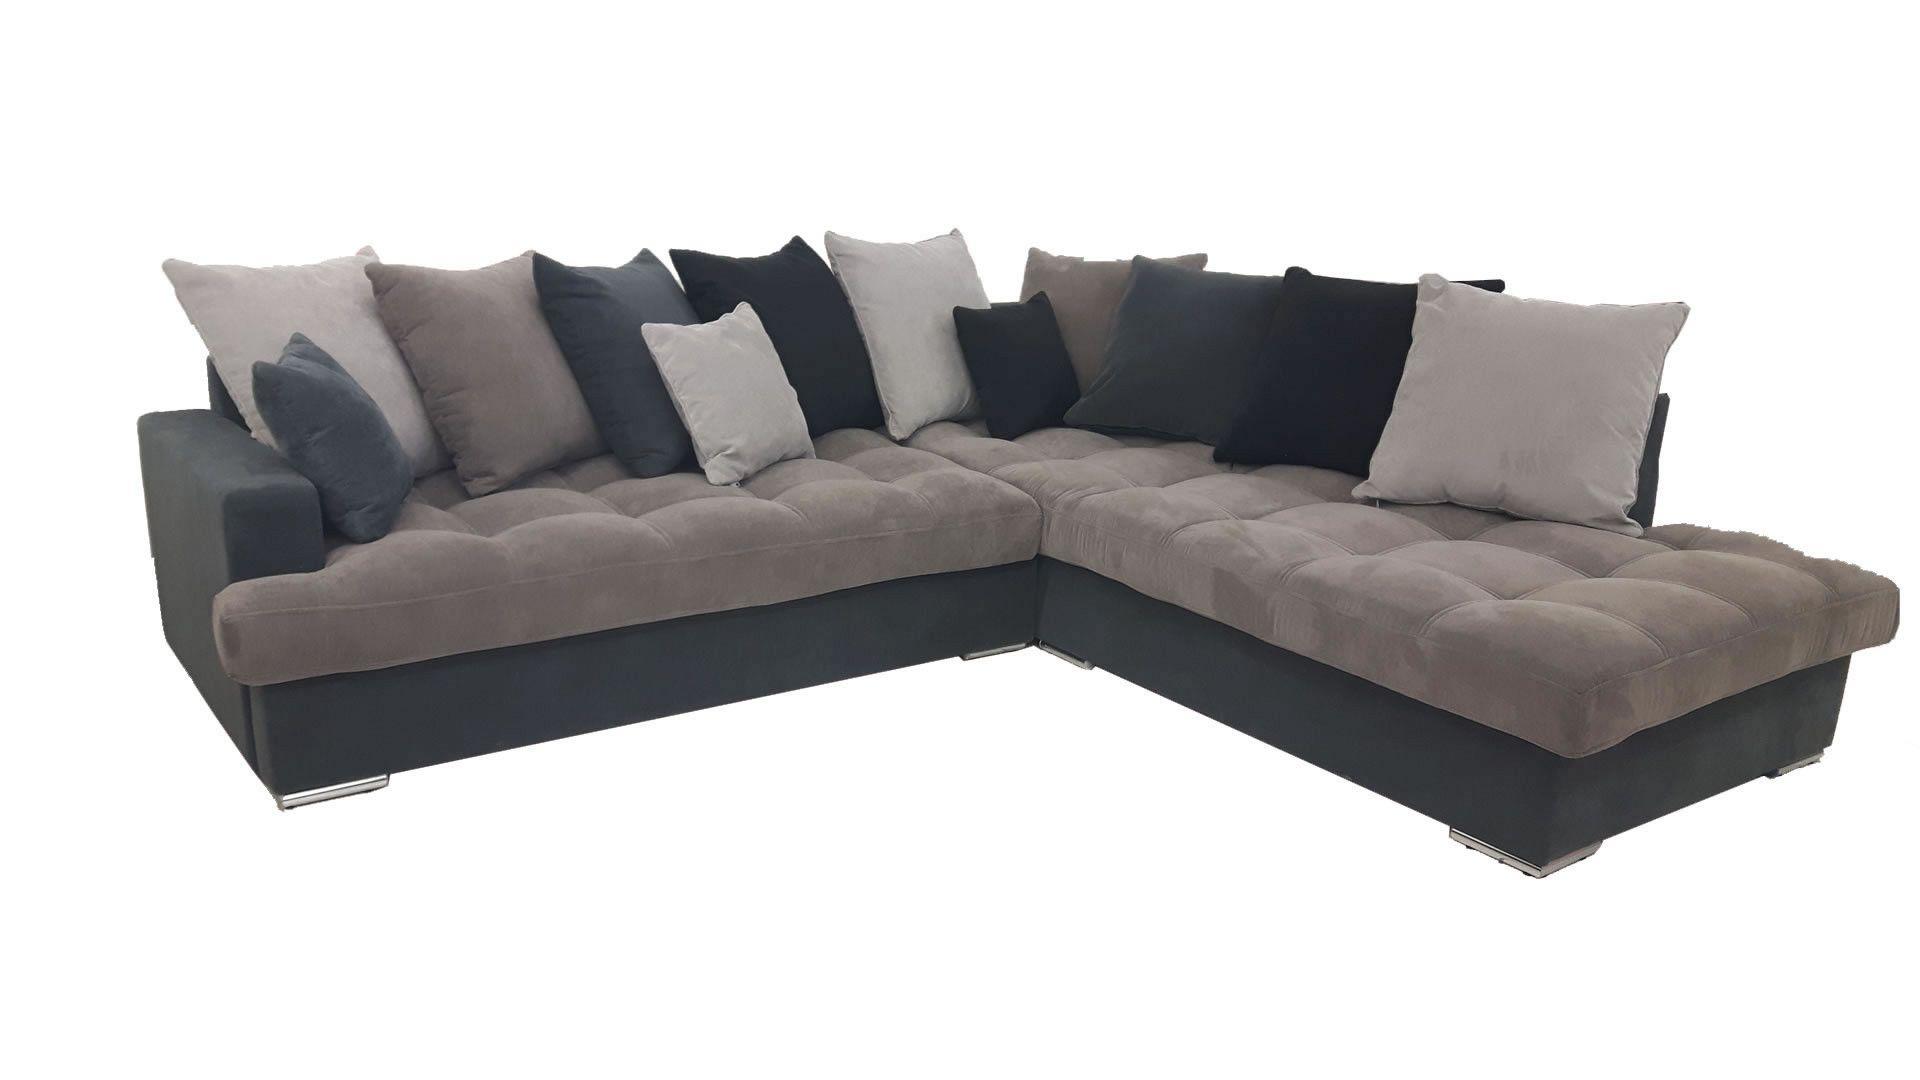 Canapé d angle droit Linda gris et noir